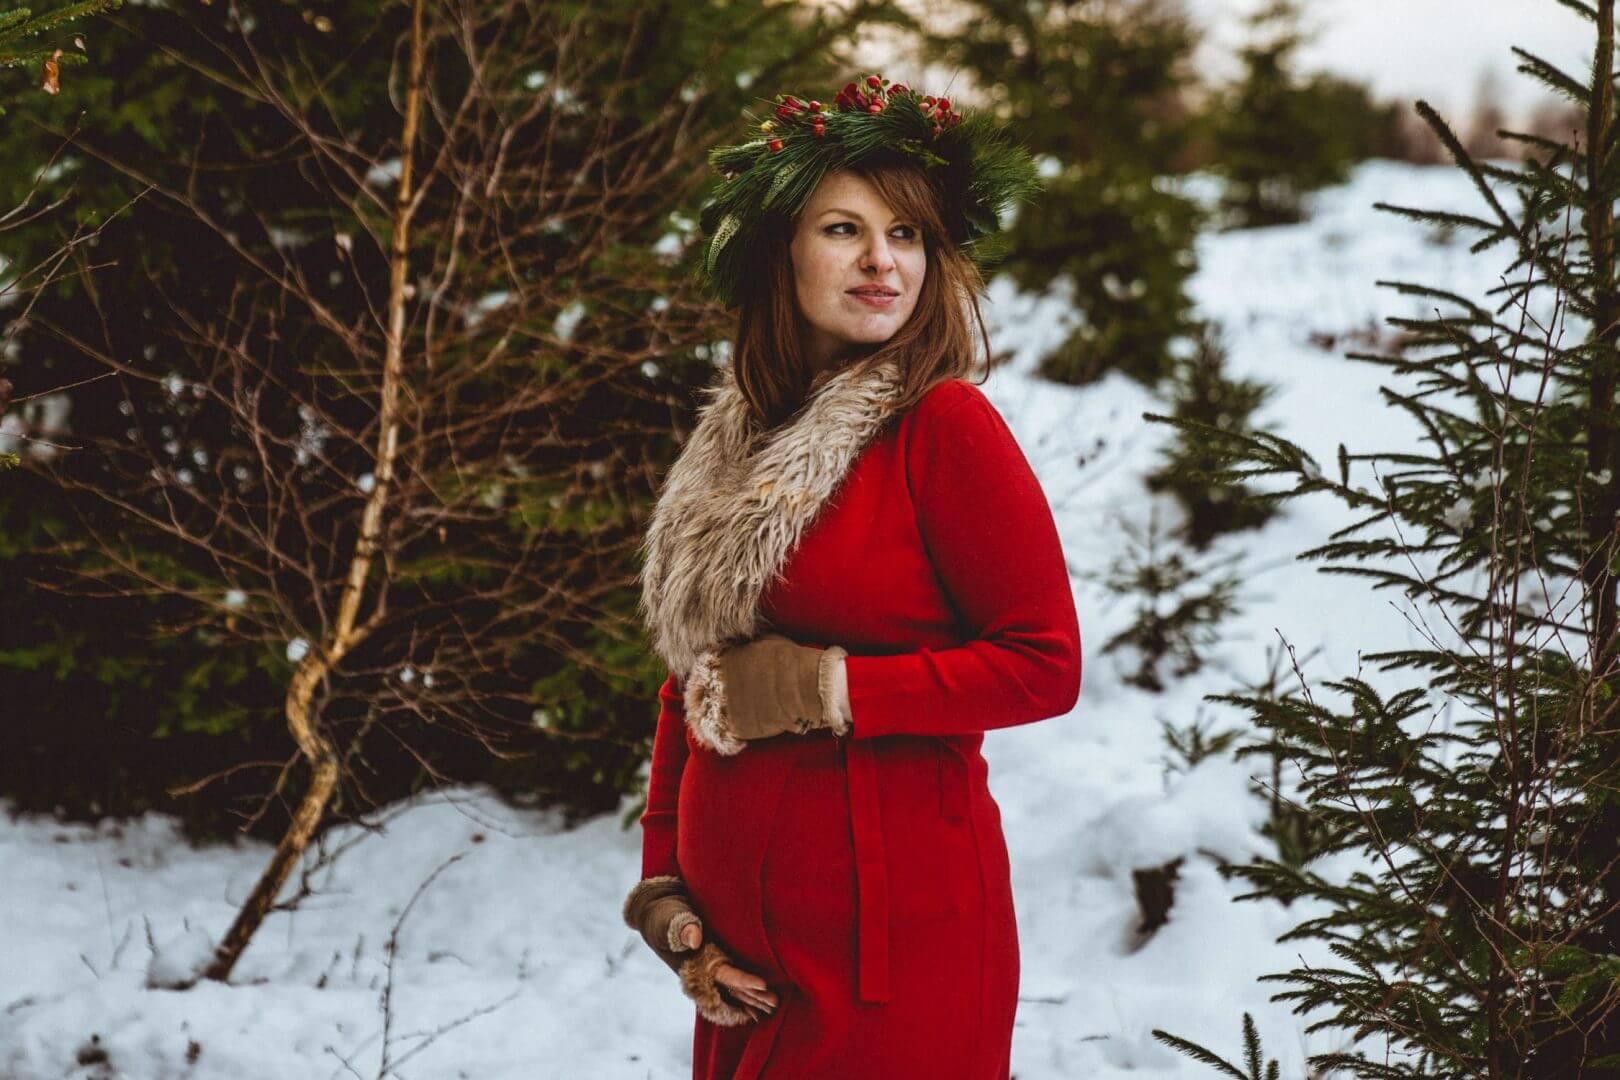 Schwangere hält Babybauch mit Handschuhen in rotem Kleid